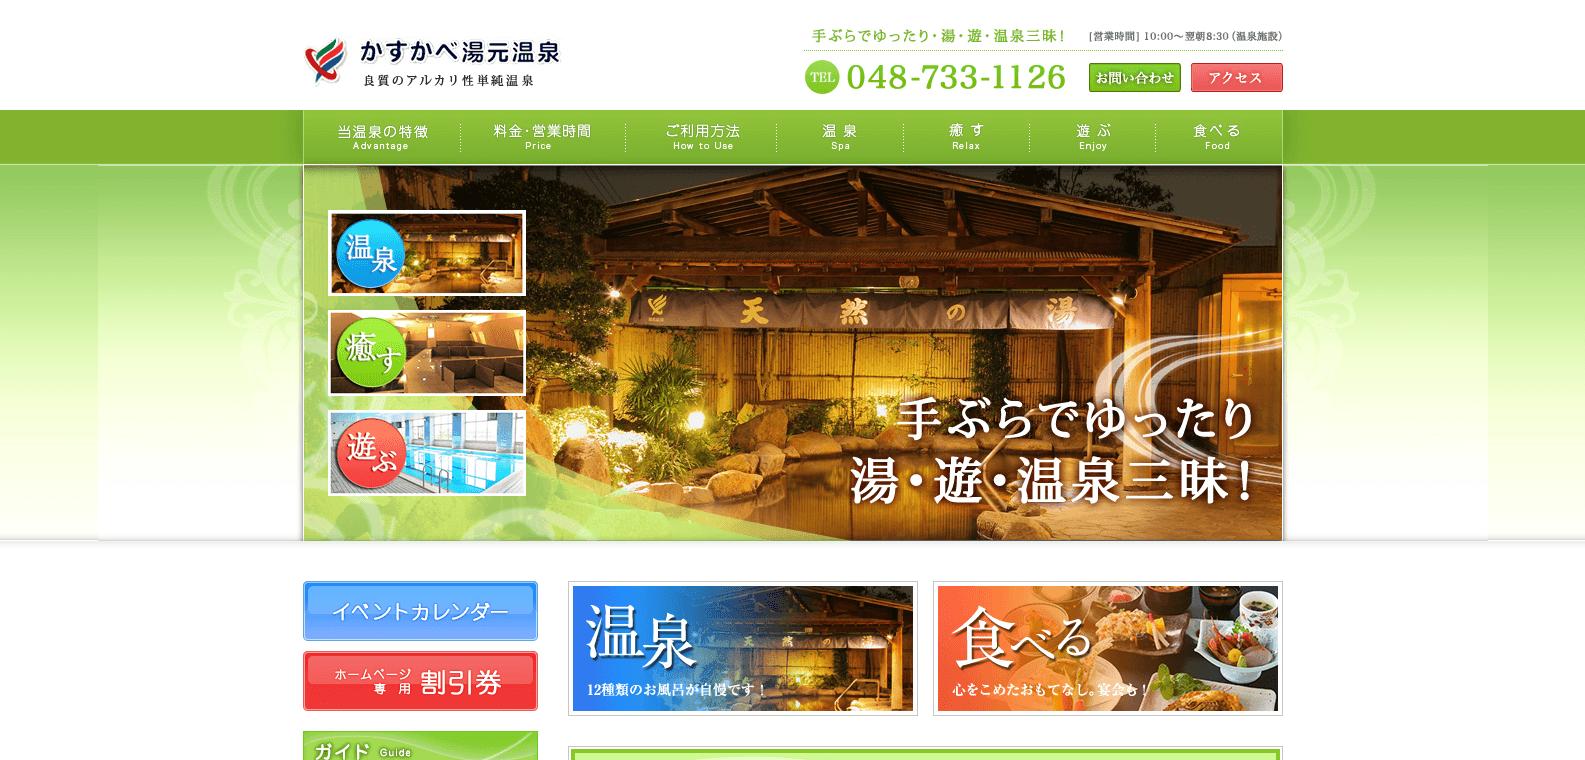 かすかべ湯元温泉ホームページキャプチャ画像